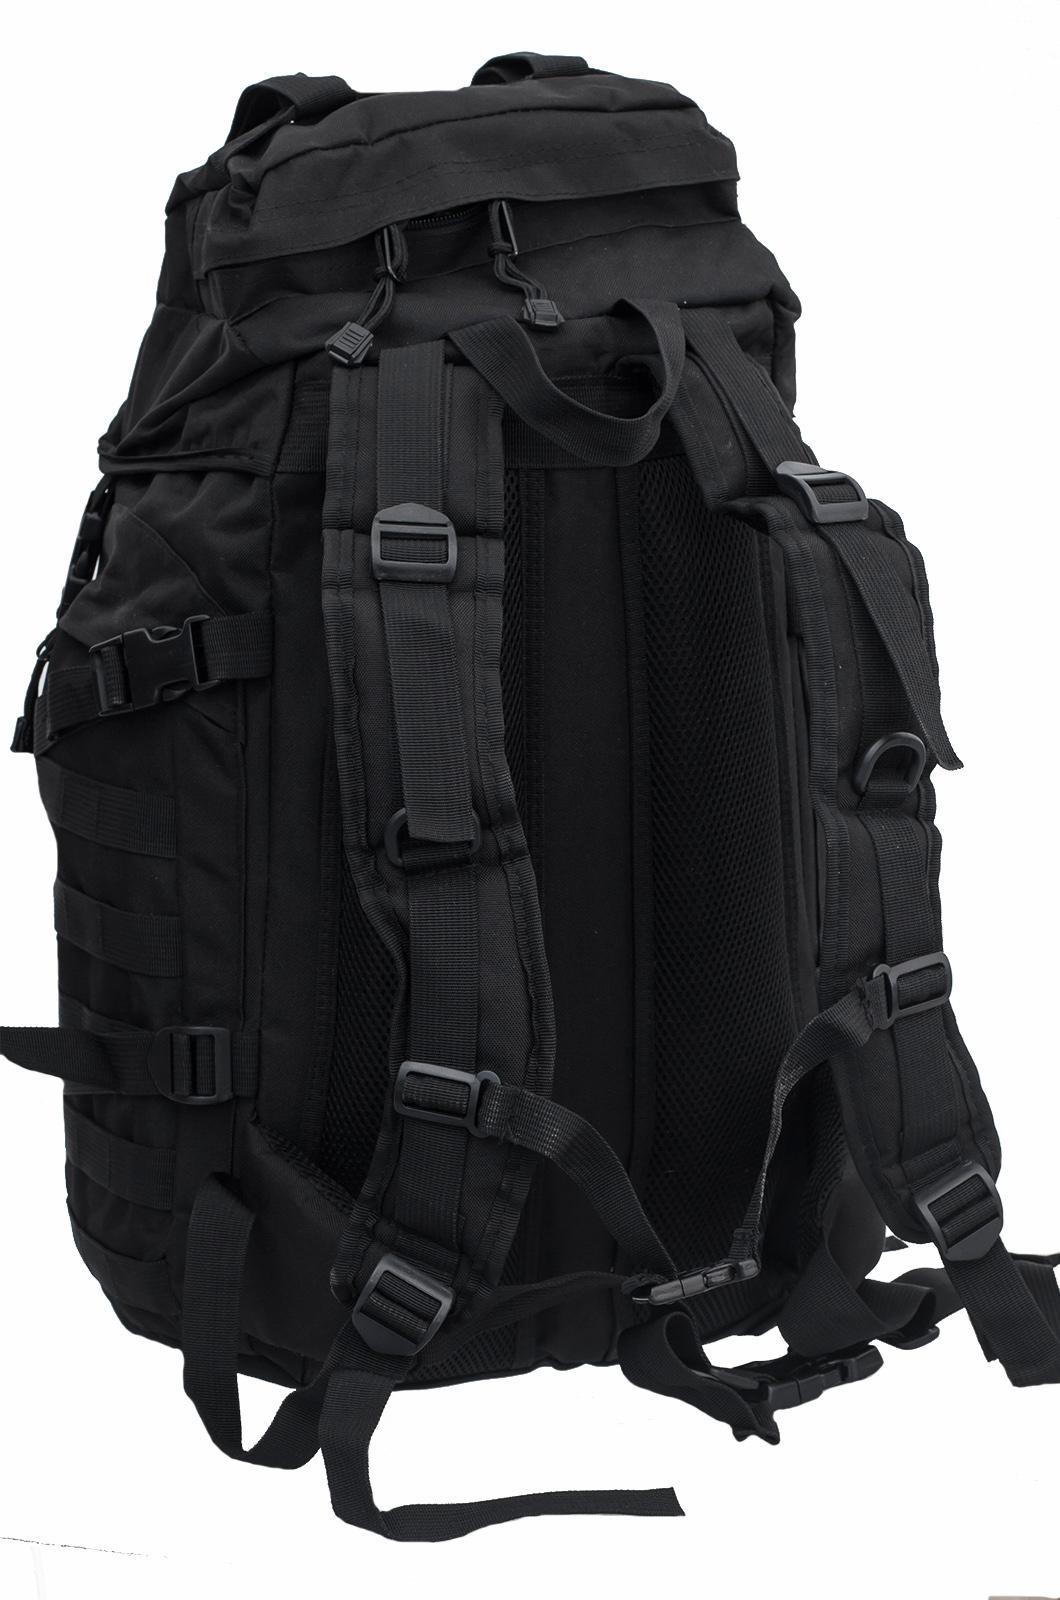 Мужской дорожный рюкзак по выгодной цене